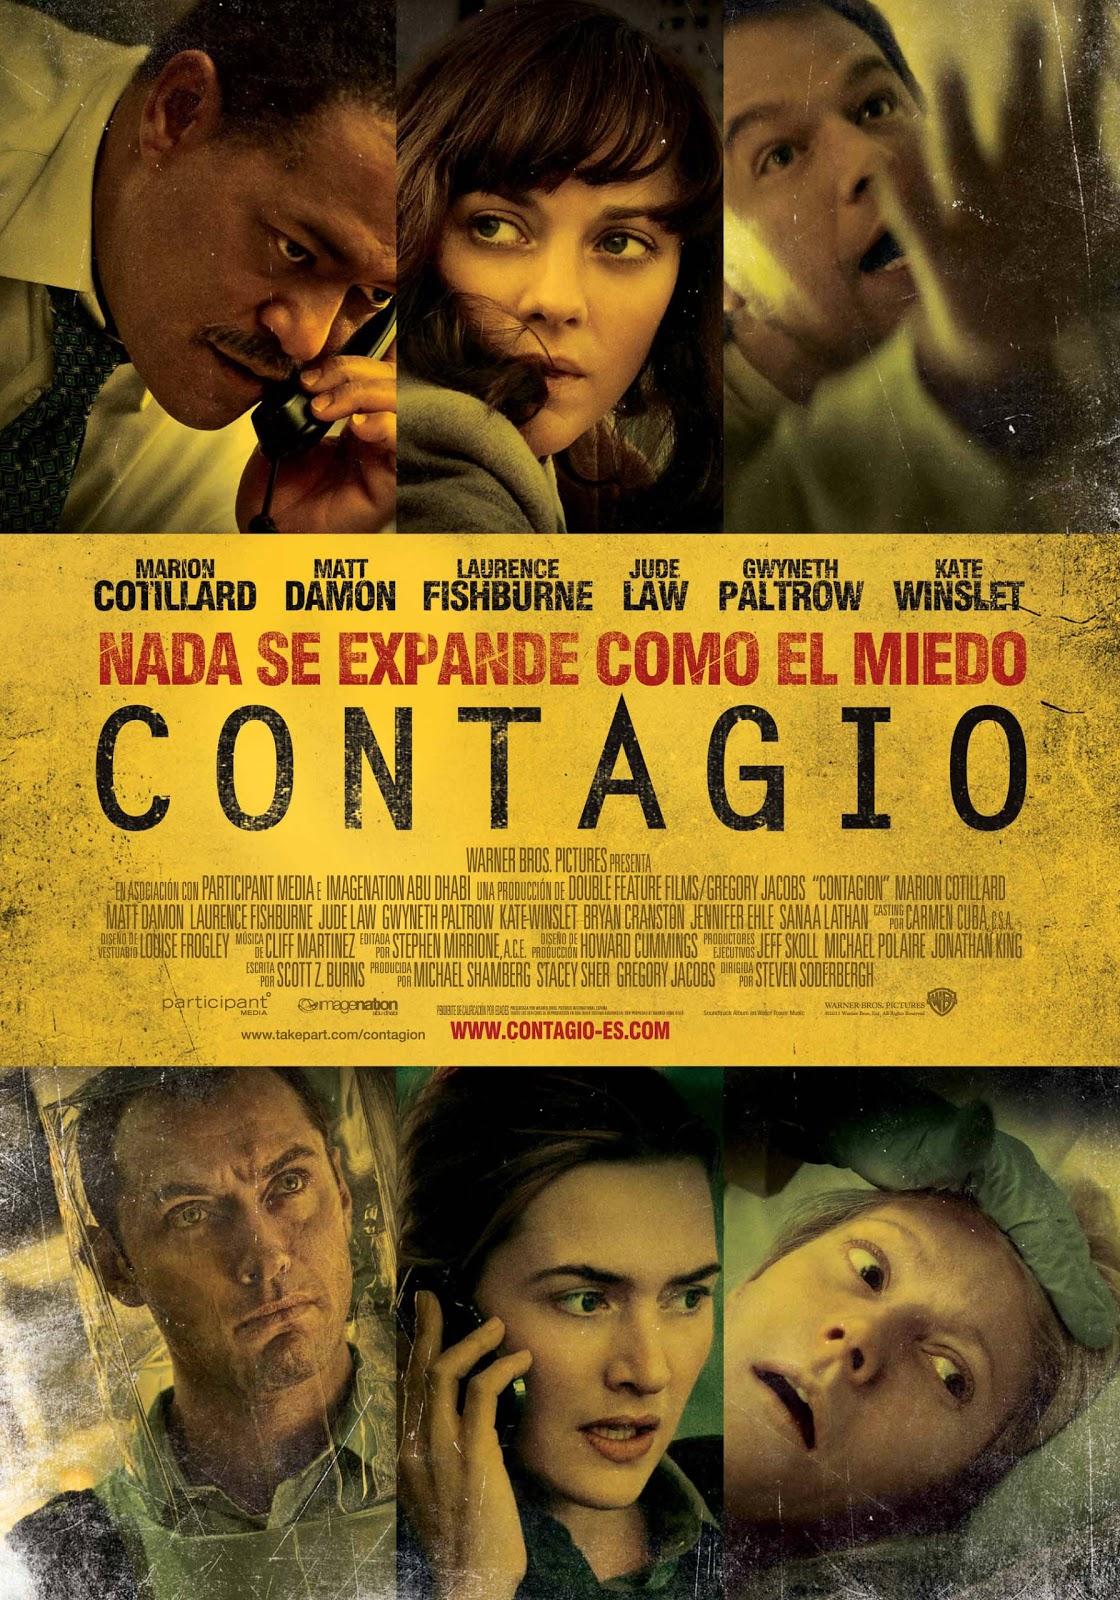 http://1.bp.blogspot.com/-E7EmdVRjGPQ/TnR_Wi945LI/AAAAAAAABX8/xQFP9Zj7xfs/s1600/contagio-poster.jpg